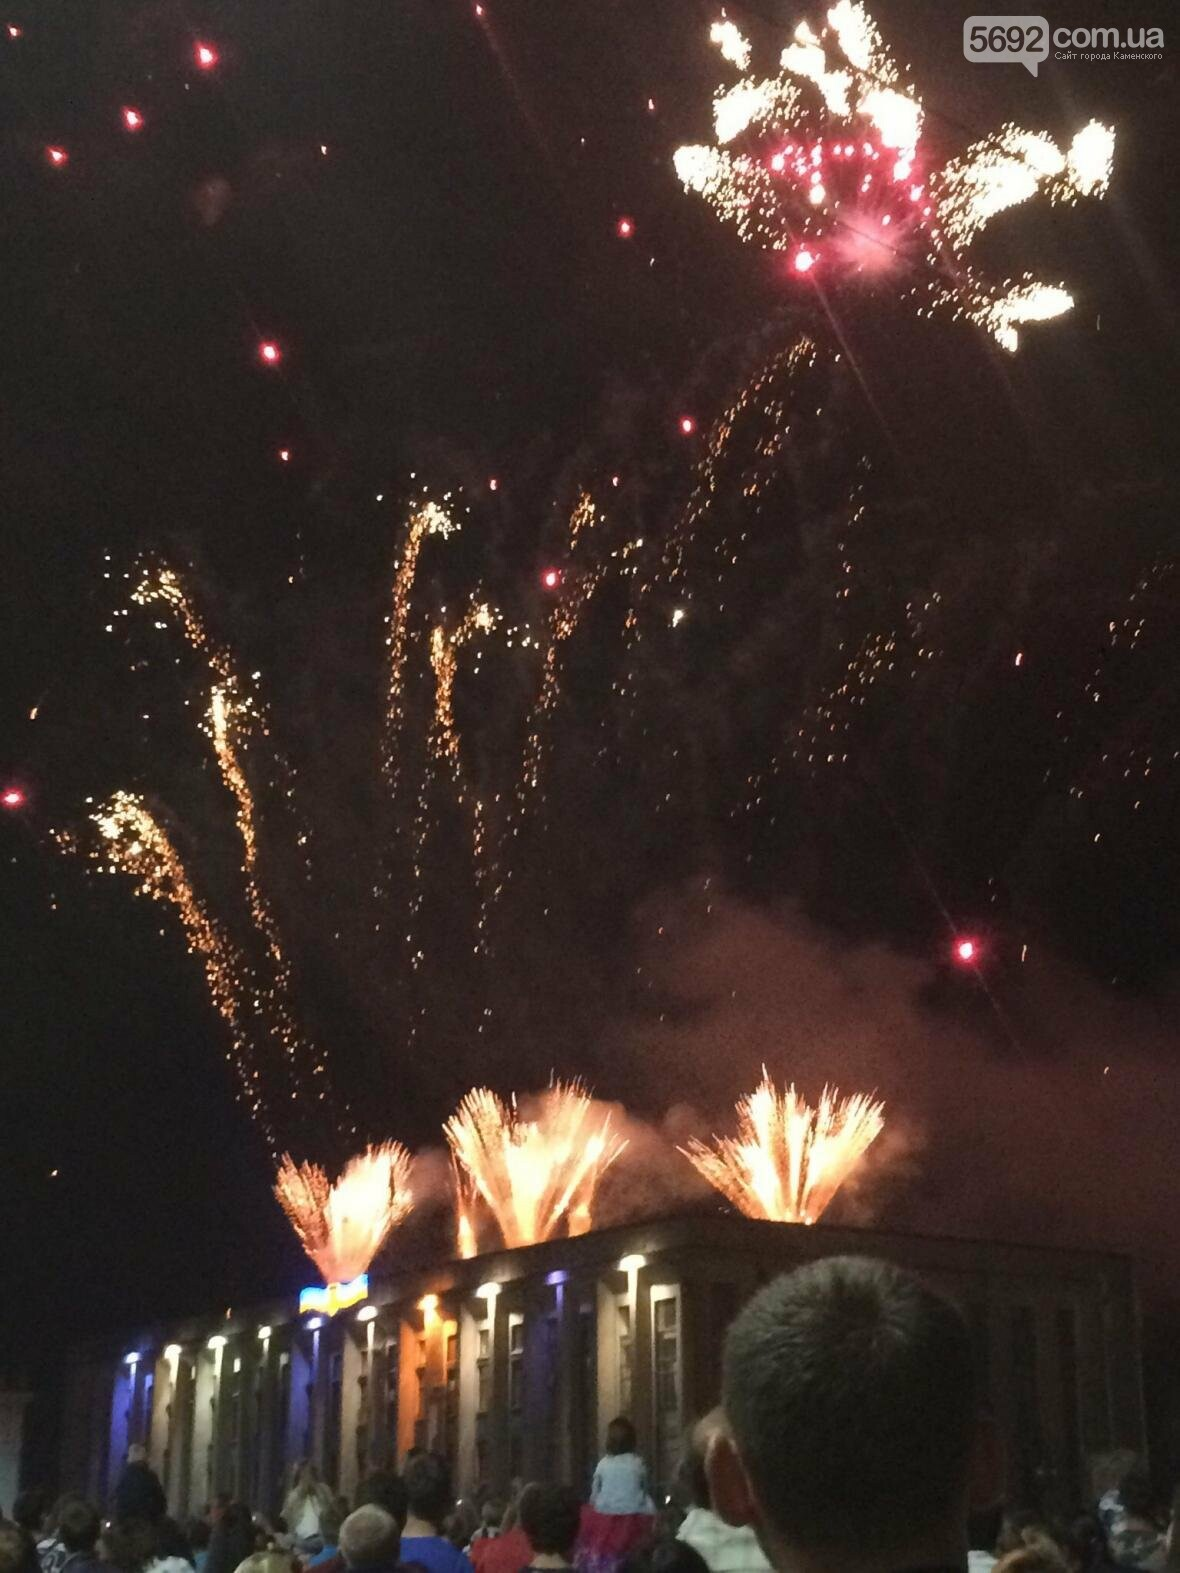 Концерт, праздничный фейерверк и огненное шоу – День города в Каменском, фото-2